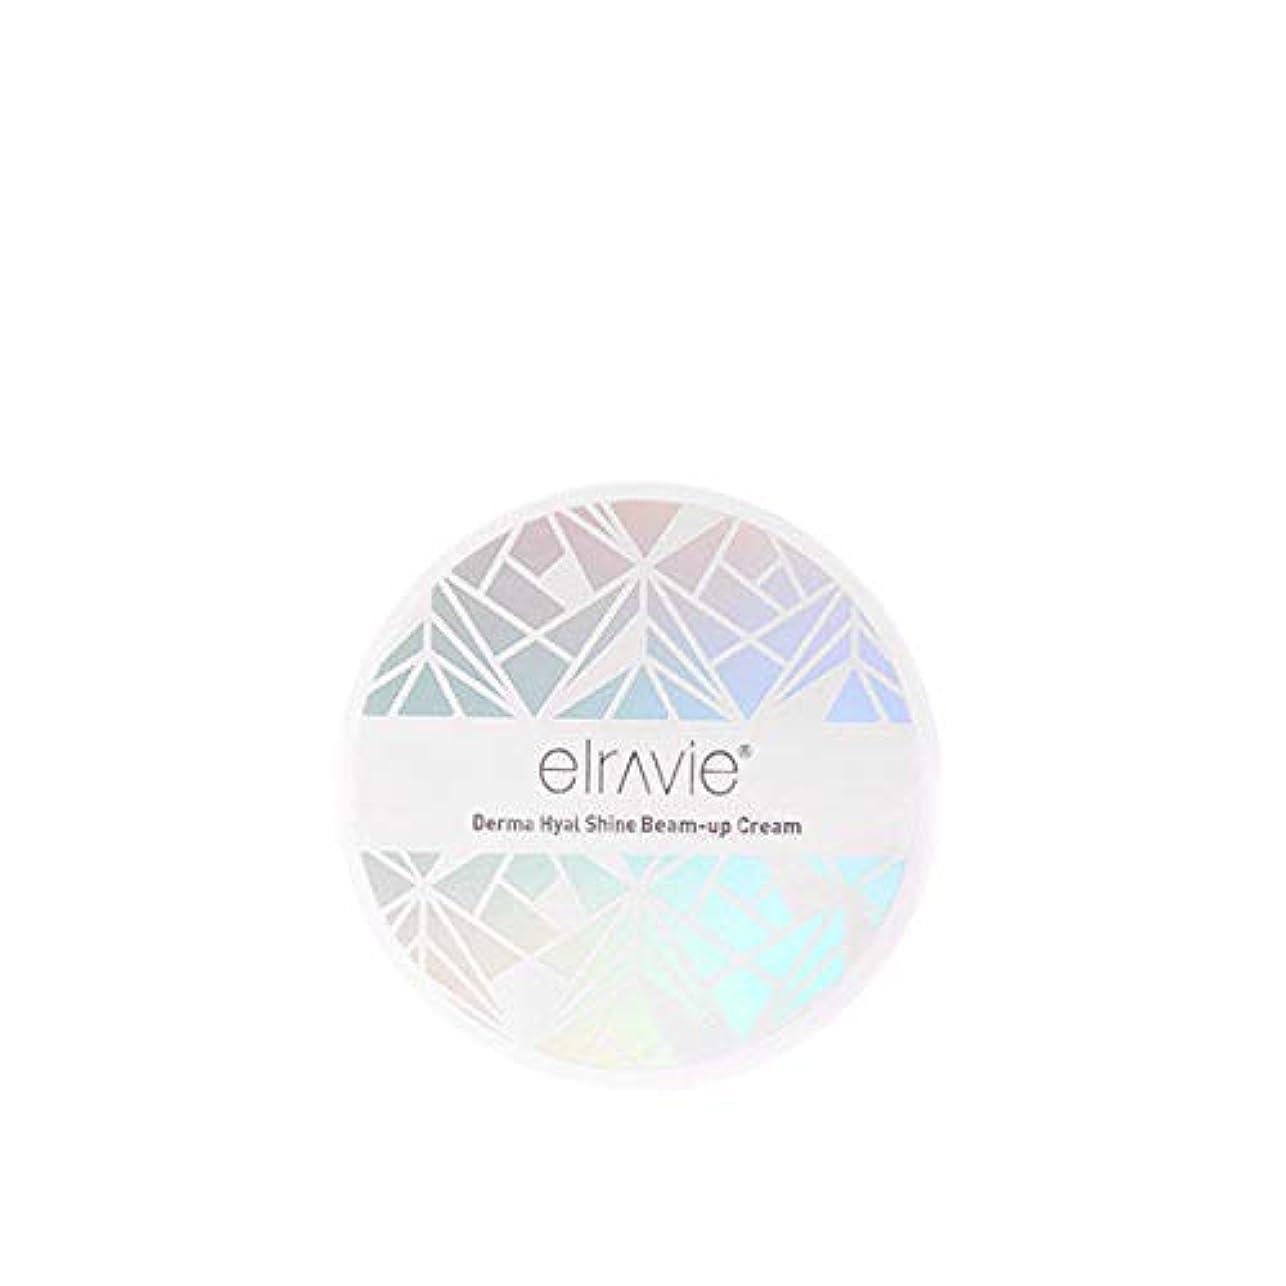 シャークセットアップ誠意エラヴィー[Elravie] ダーマヒアルロン酸 輝くビームアップクリーム15g / Derma Hyal Shine Beam-up Cream